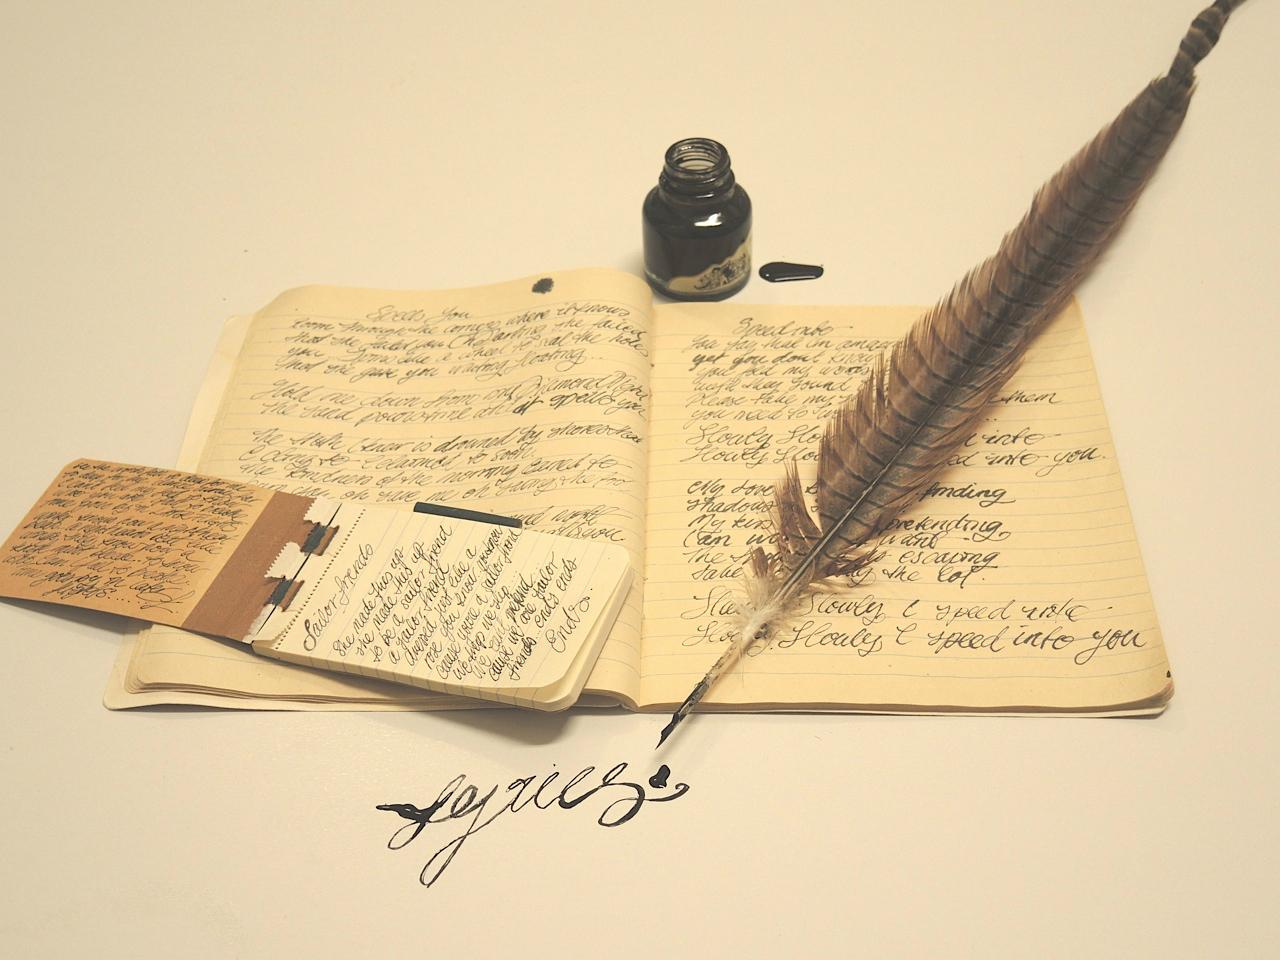 Lost in Light Lyrics